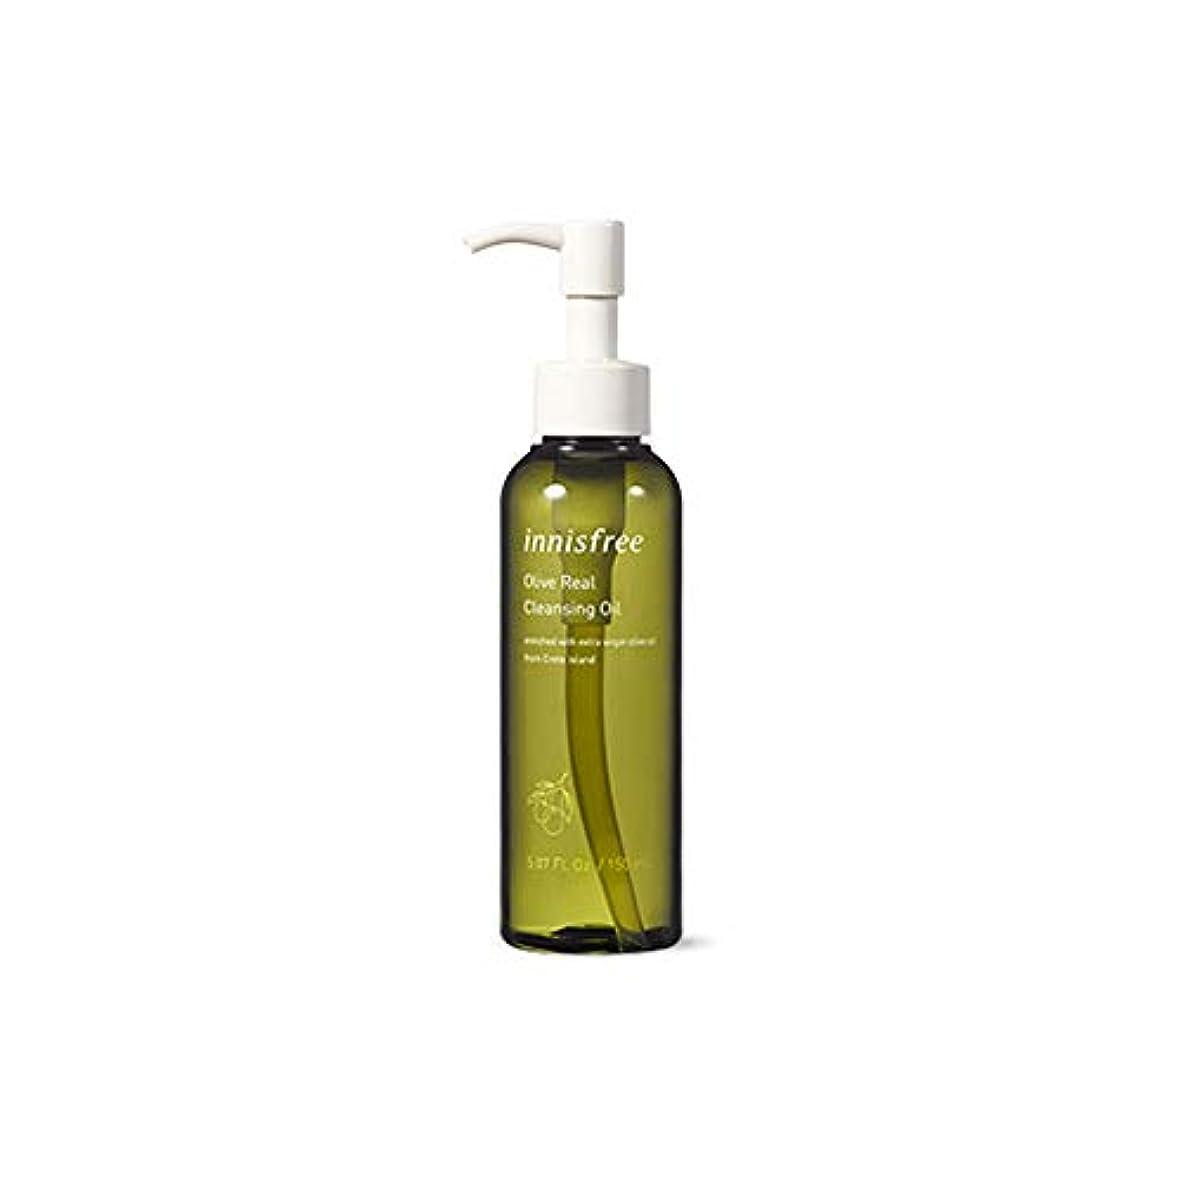 世紀おとうさんマンモスイニスフリー Innisfreeオリーブ リアル クレンジング オイル(150ml) Innisfree Olive Real Cleansing Oil(150ml) [海外直送品]